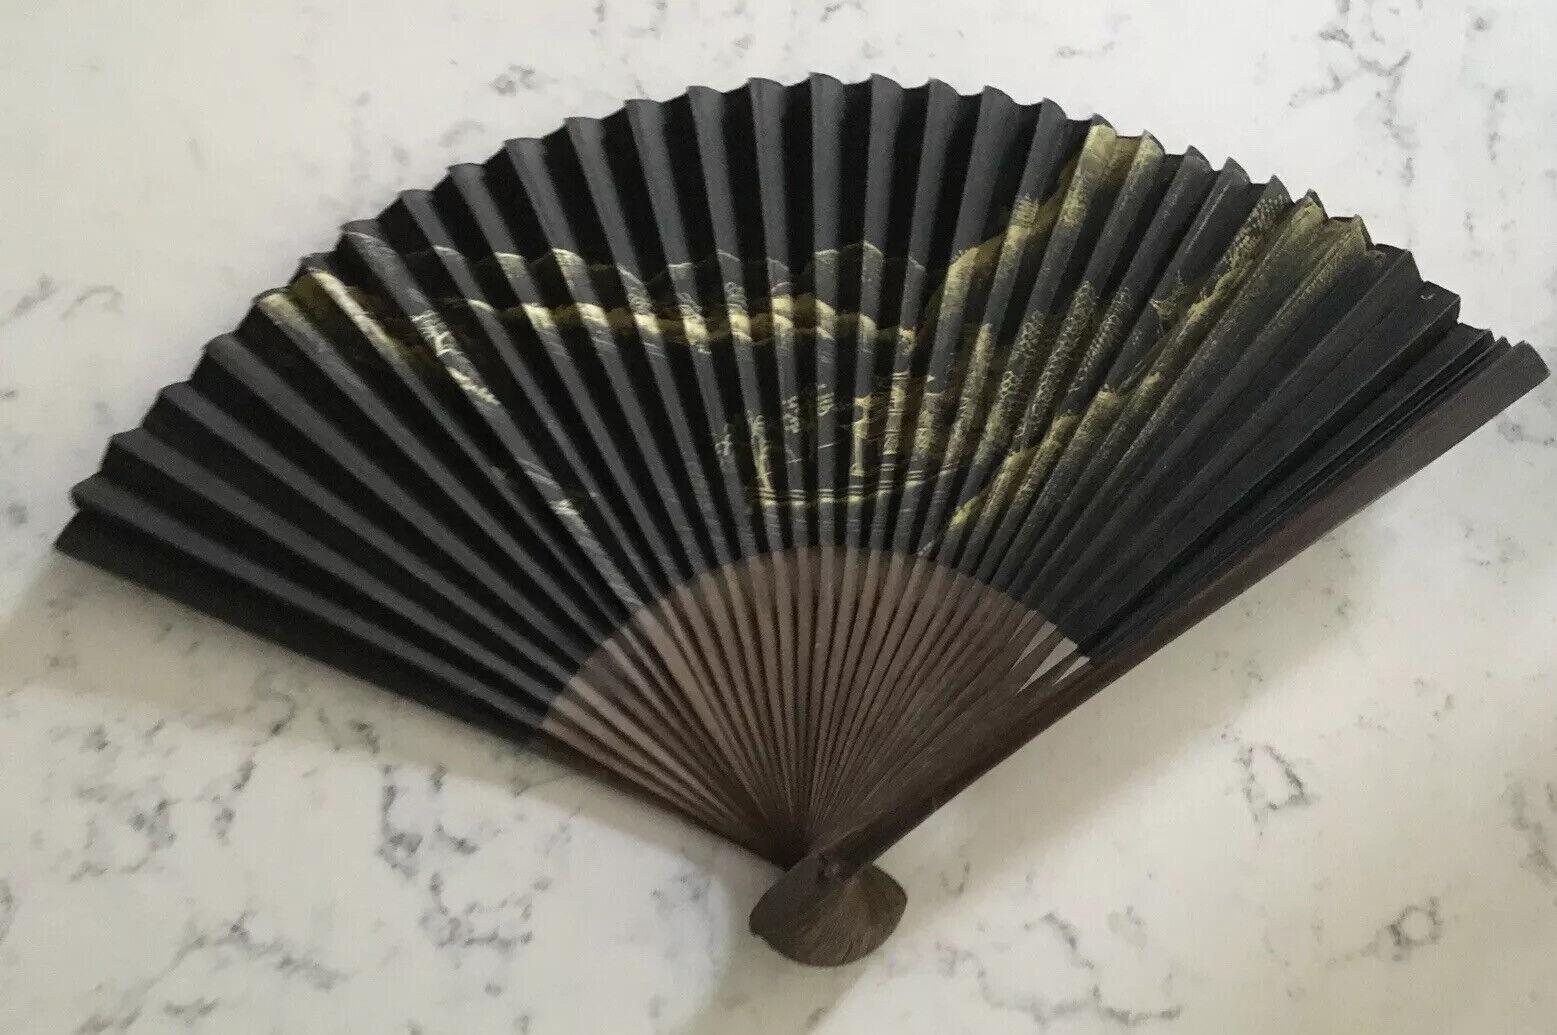 Gorgeous Vintage Art Deco Cream Celluloid Fan with Pierced Floral Design